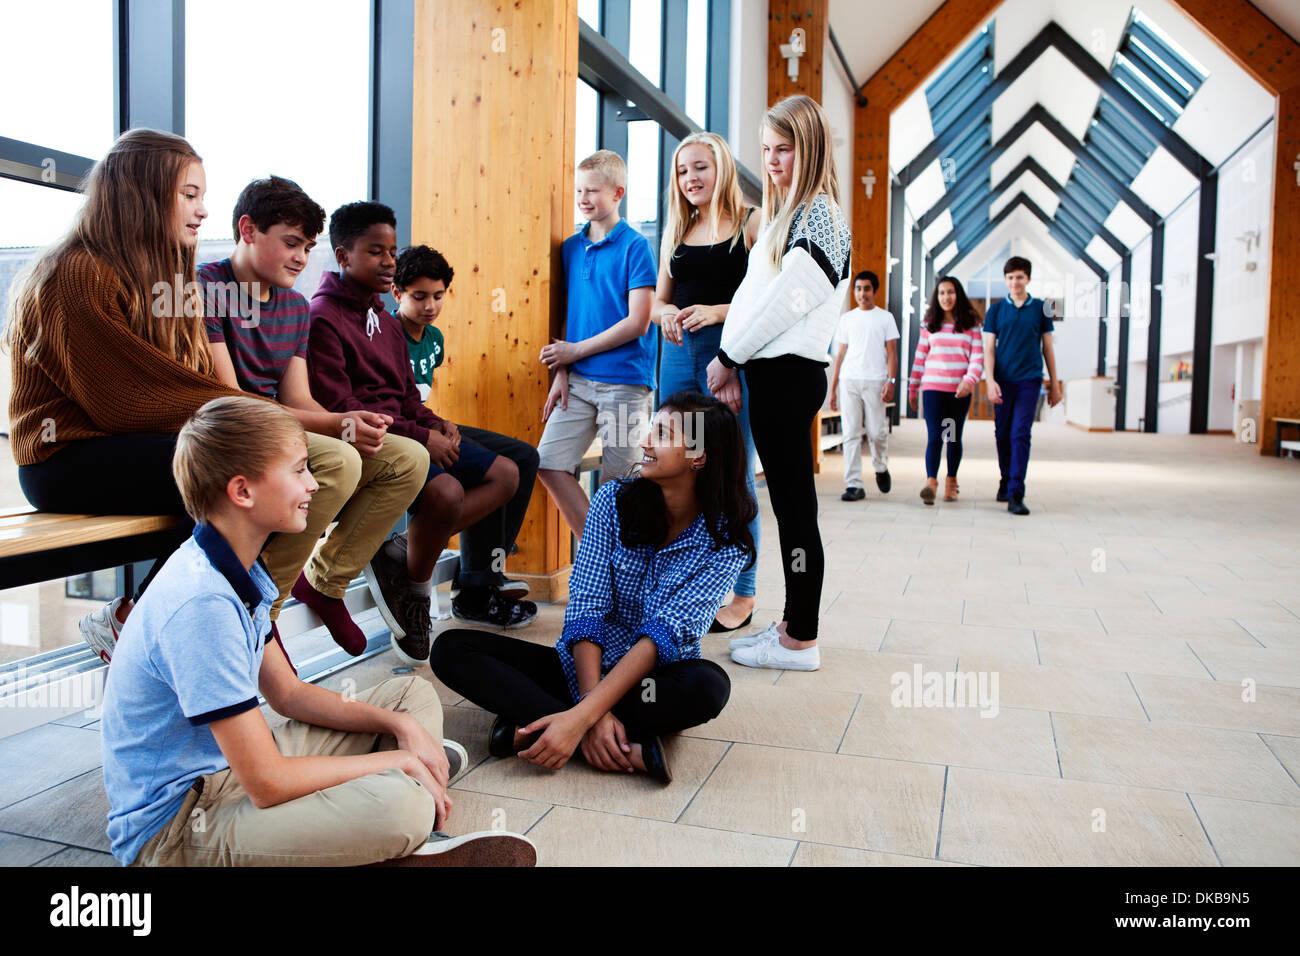 Gruppo di scolari adolescenti seduti chiacchierando in corridoio Immagini Stock